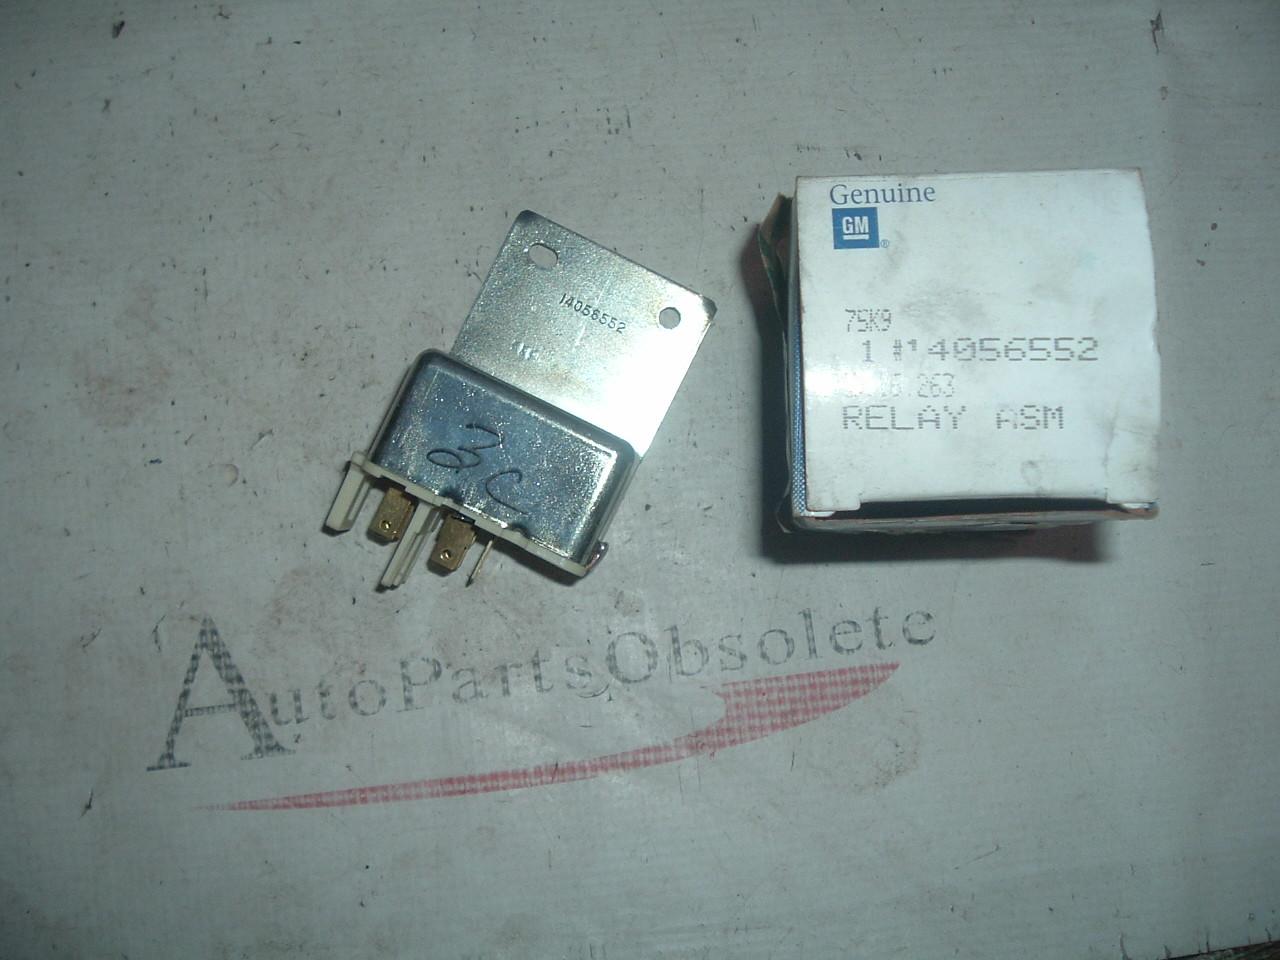 1977 78 79 70 81 82 83 85 87 89 91 chevrolet gmc truck power door lock relay 370869 14056552 (z 14056552)